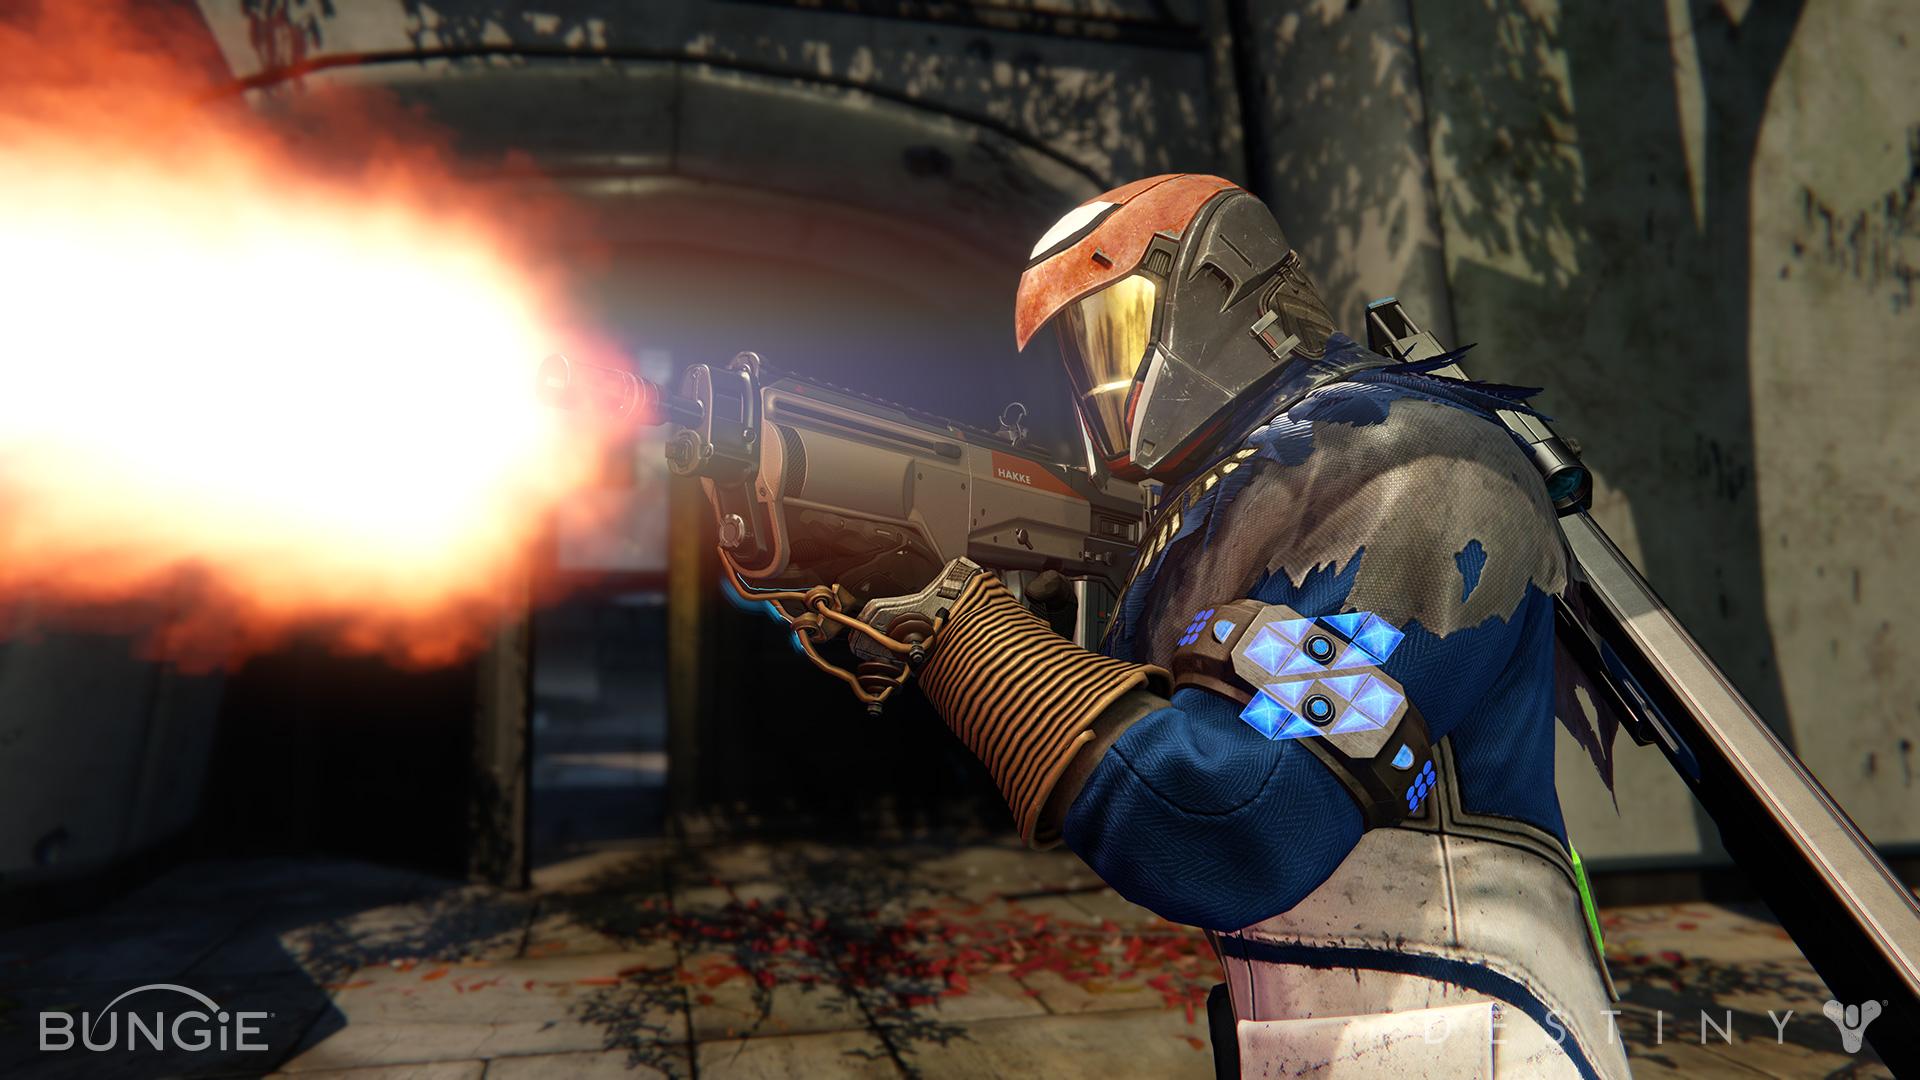 Preparar, apontar, fogo: Bungie mostra armas de nova expansão para Destiny